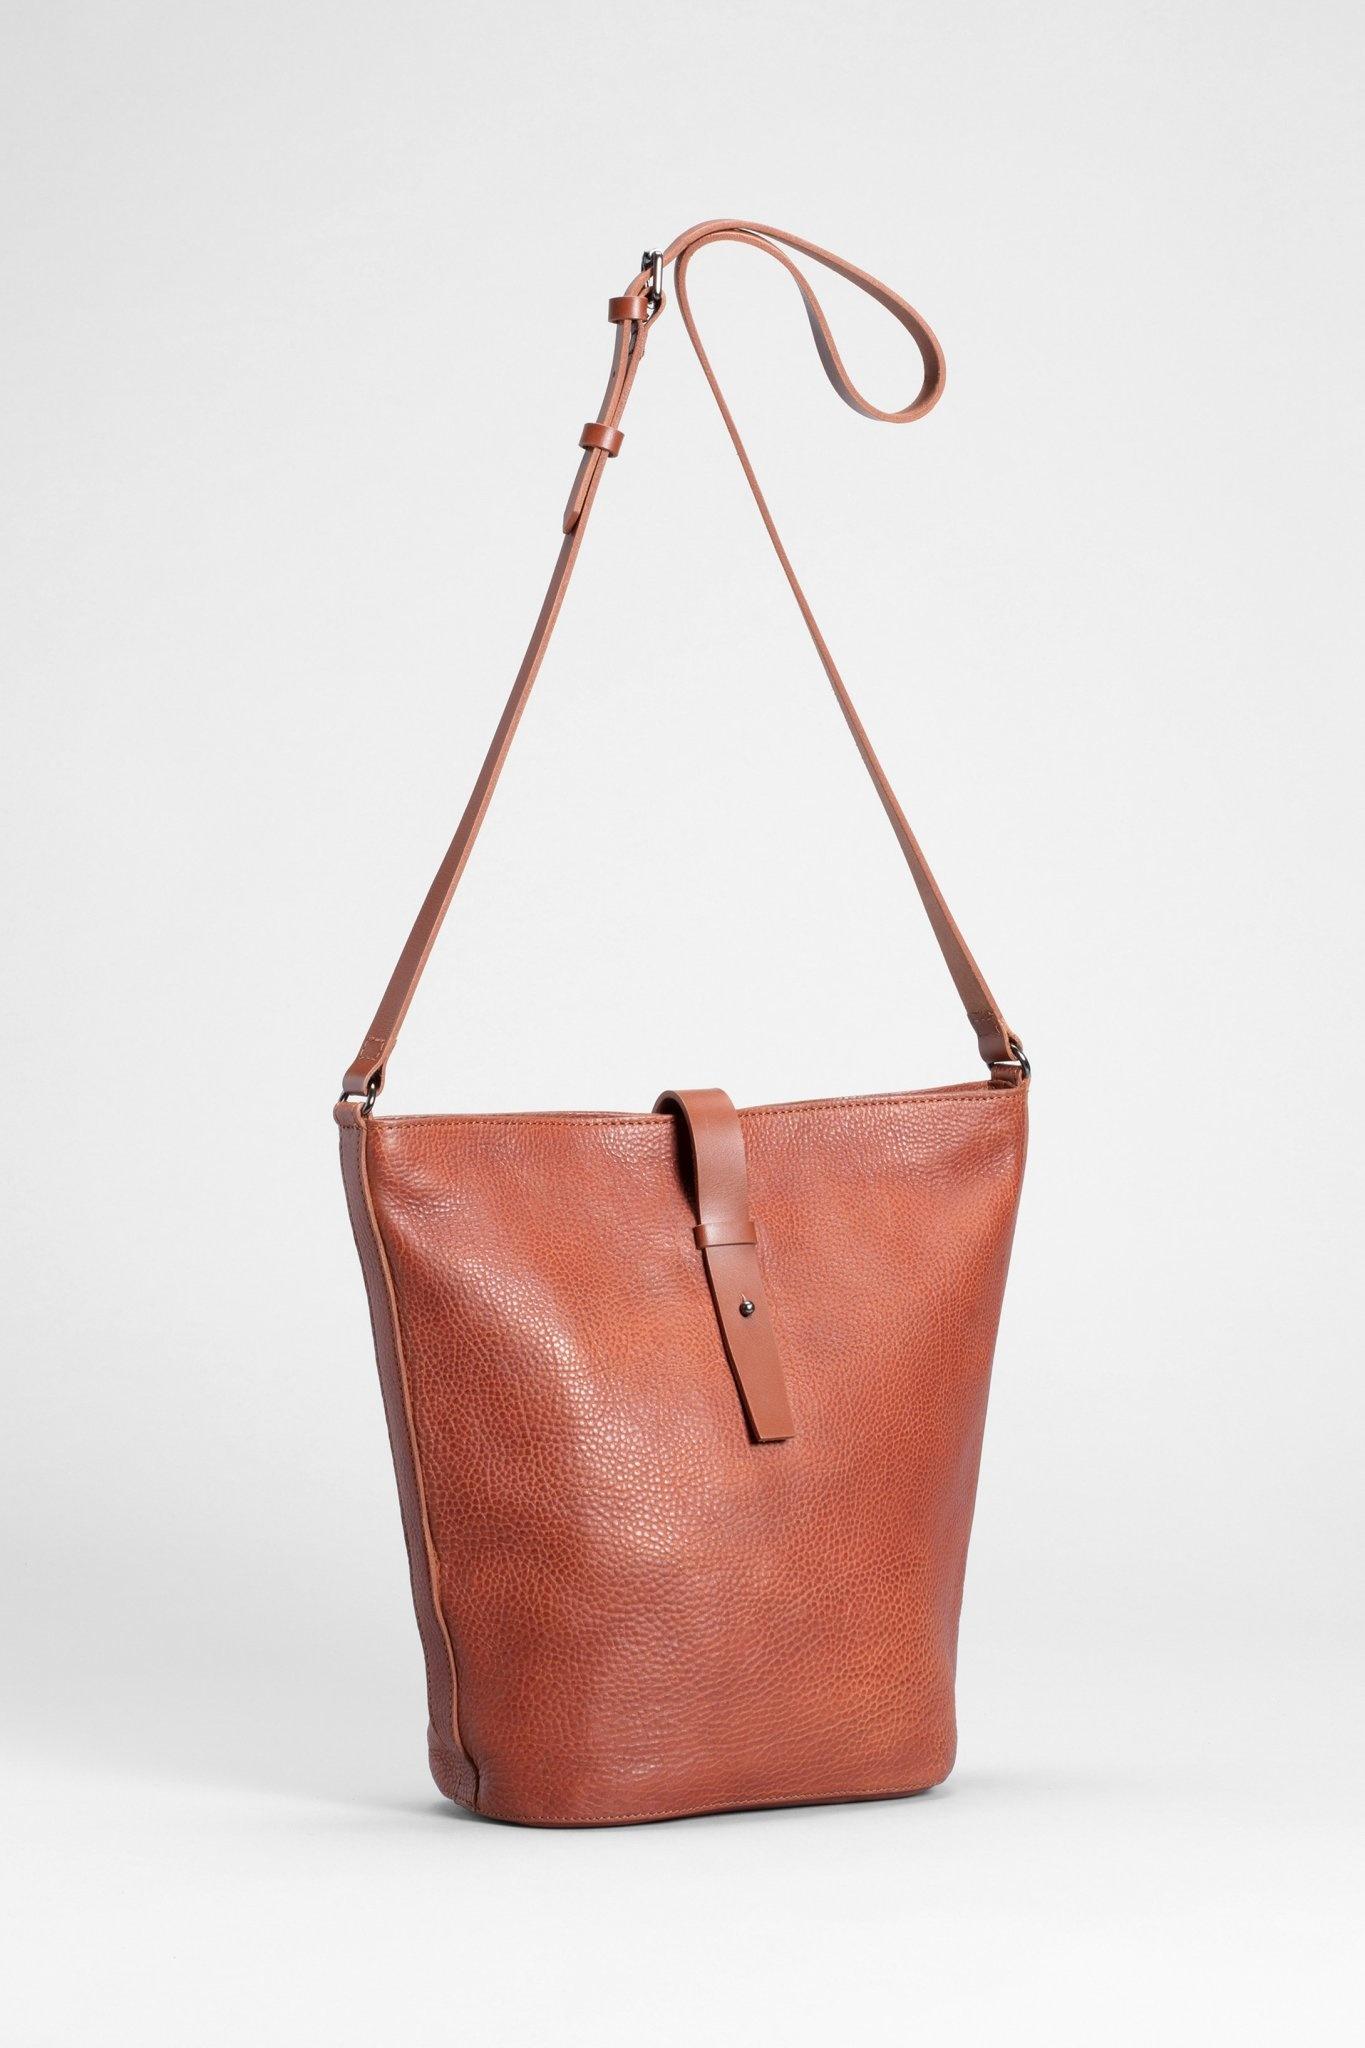 TAN Fai bucket bag